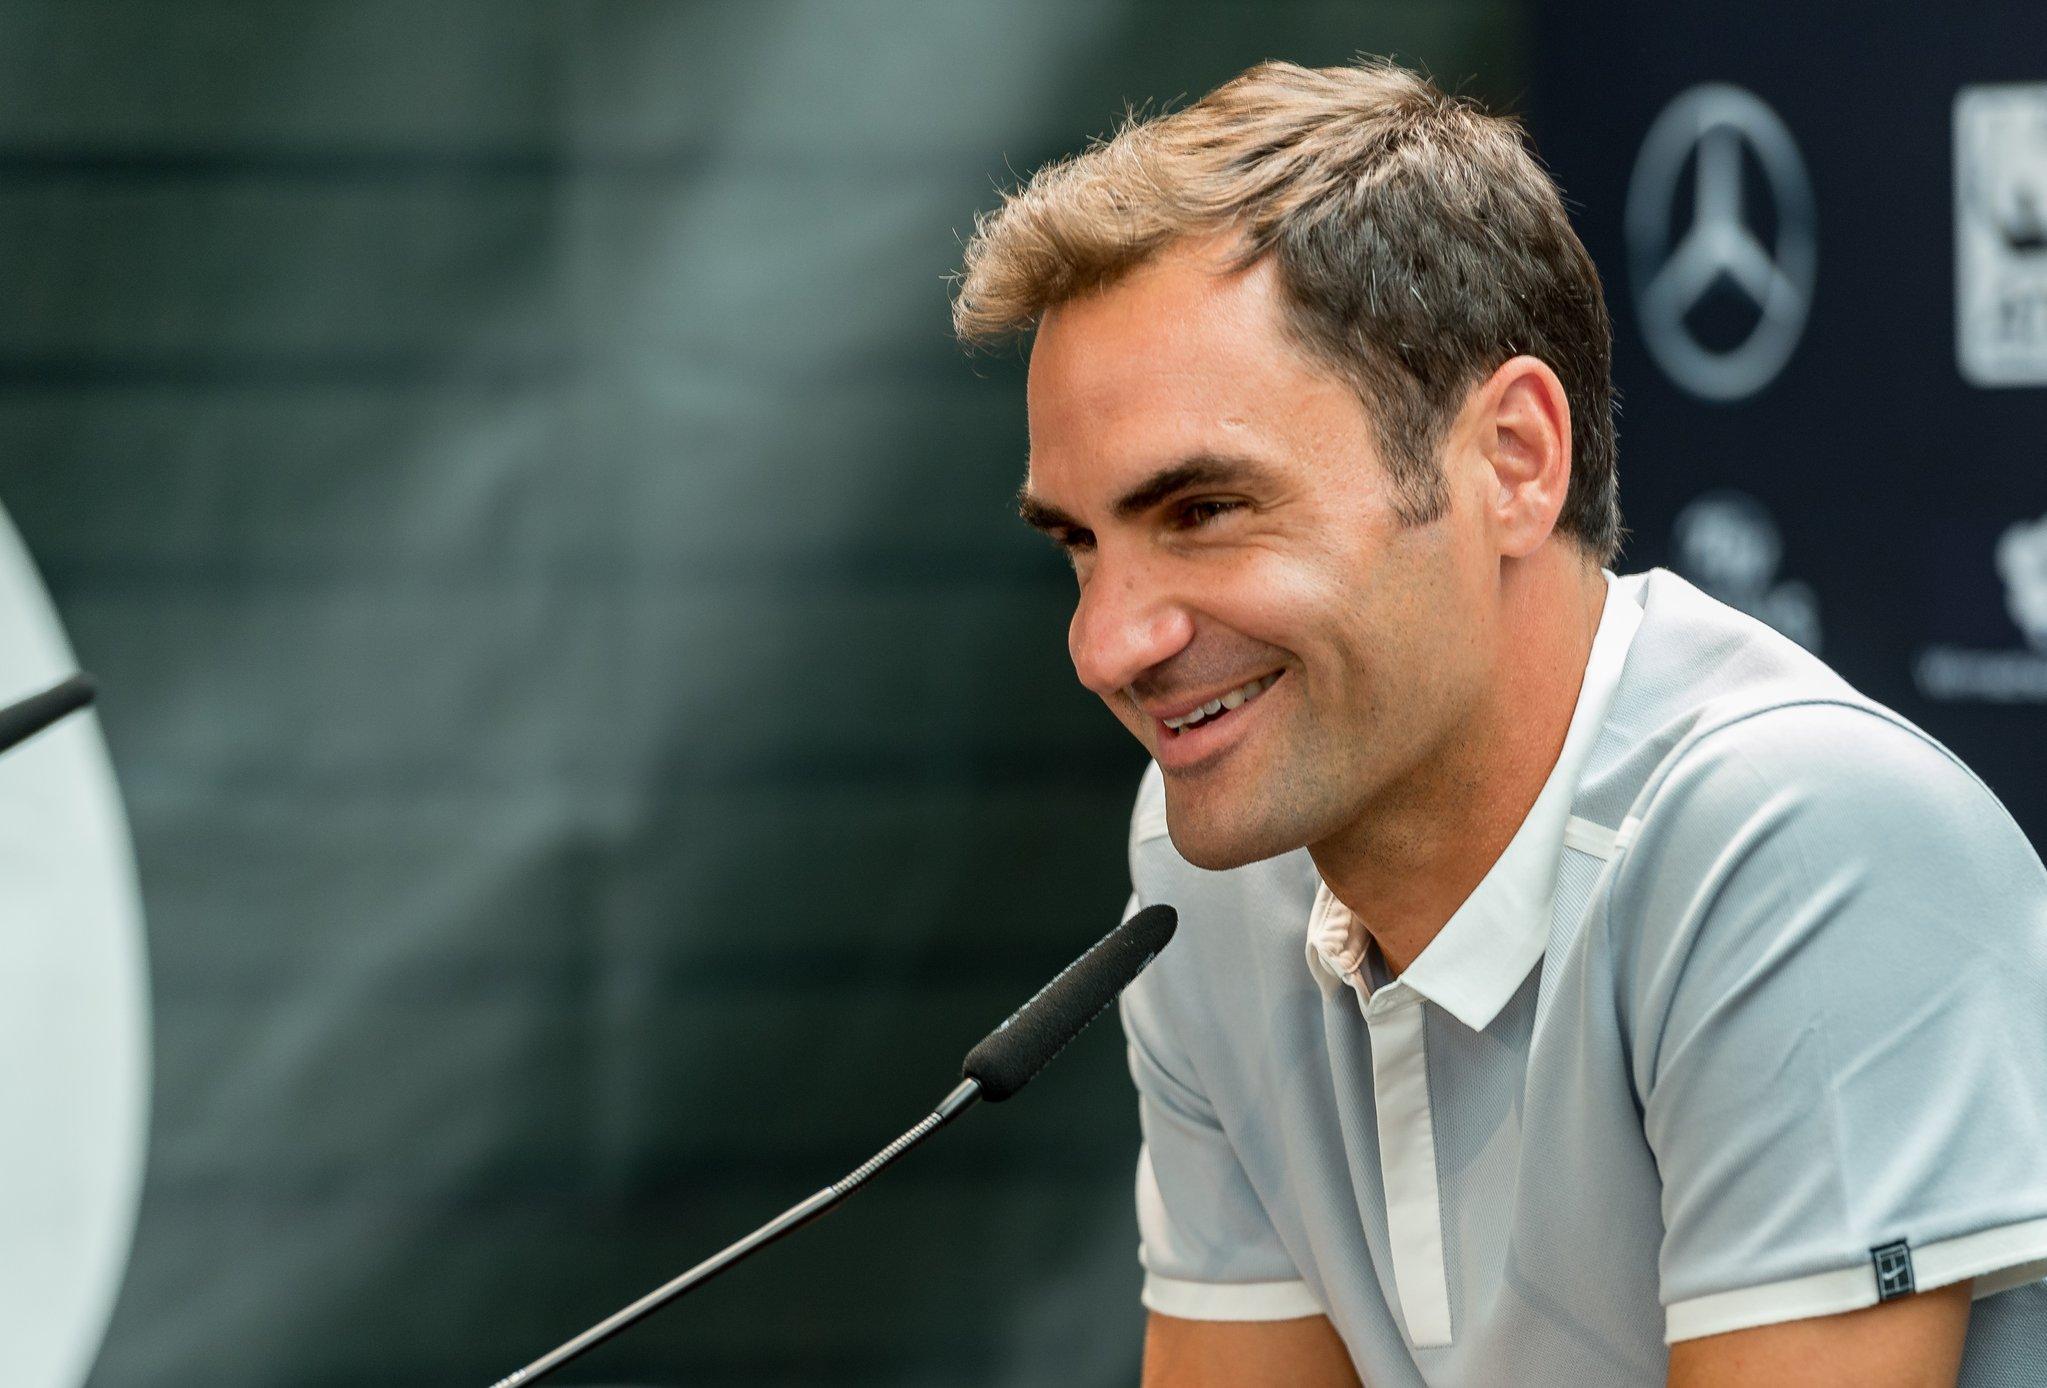 Роджер Федерер: Хочу быть победителем на корте